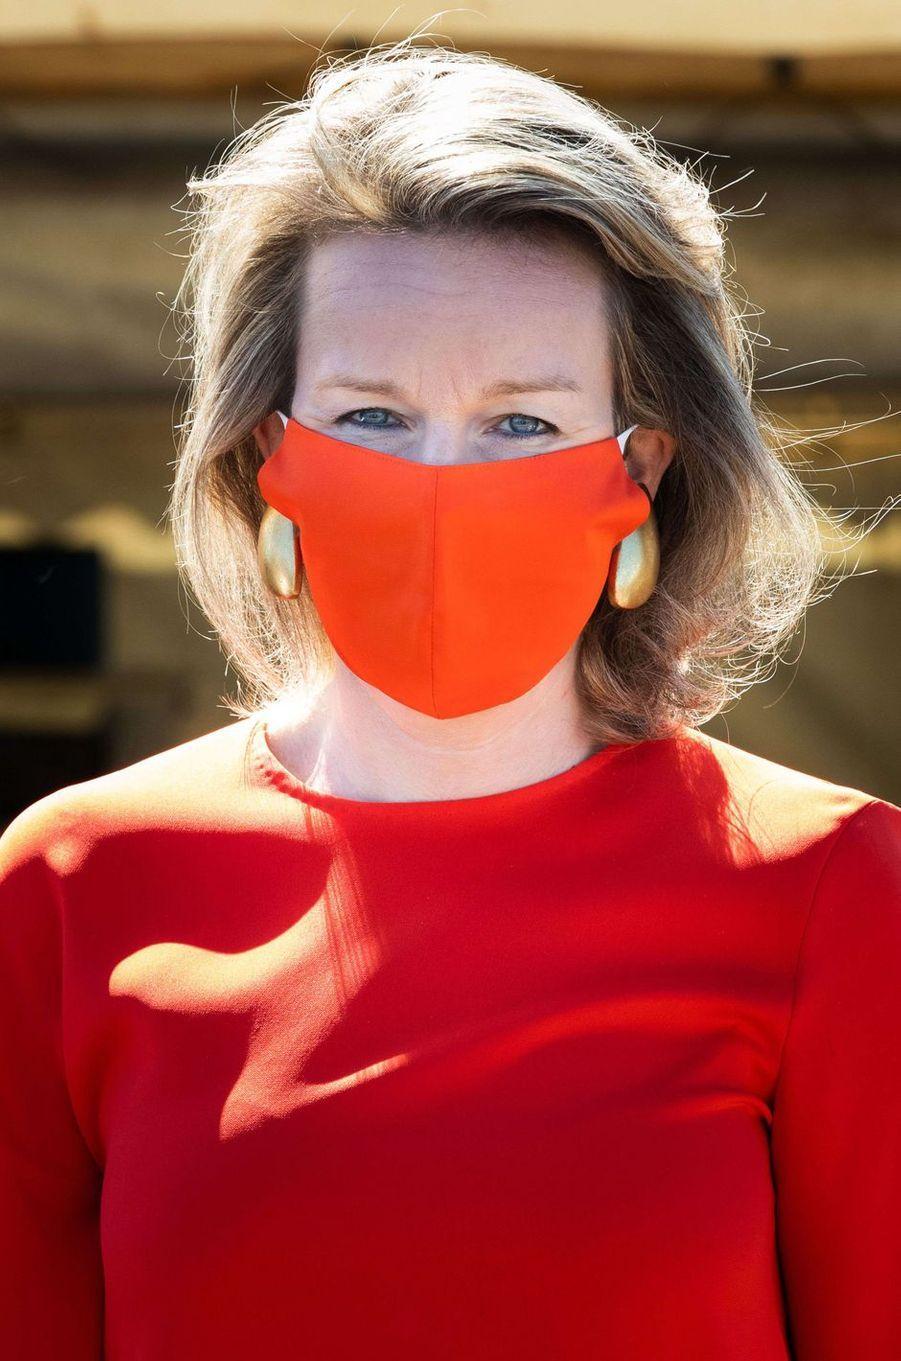 Le masque rouge de la reine des Belges Mathilde à Oostnieuwkerke, le 28 mai 2020